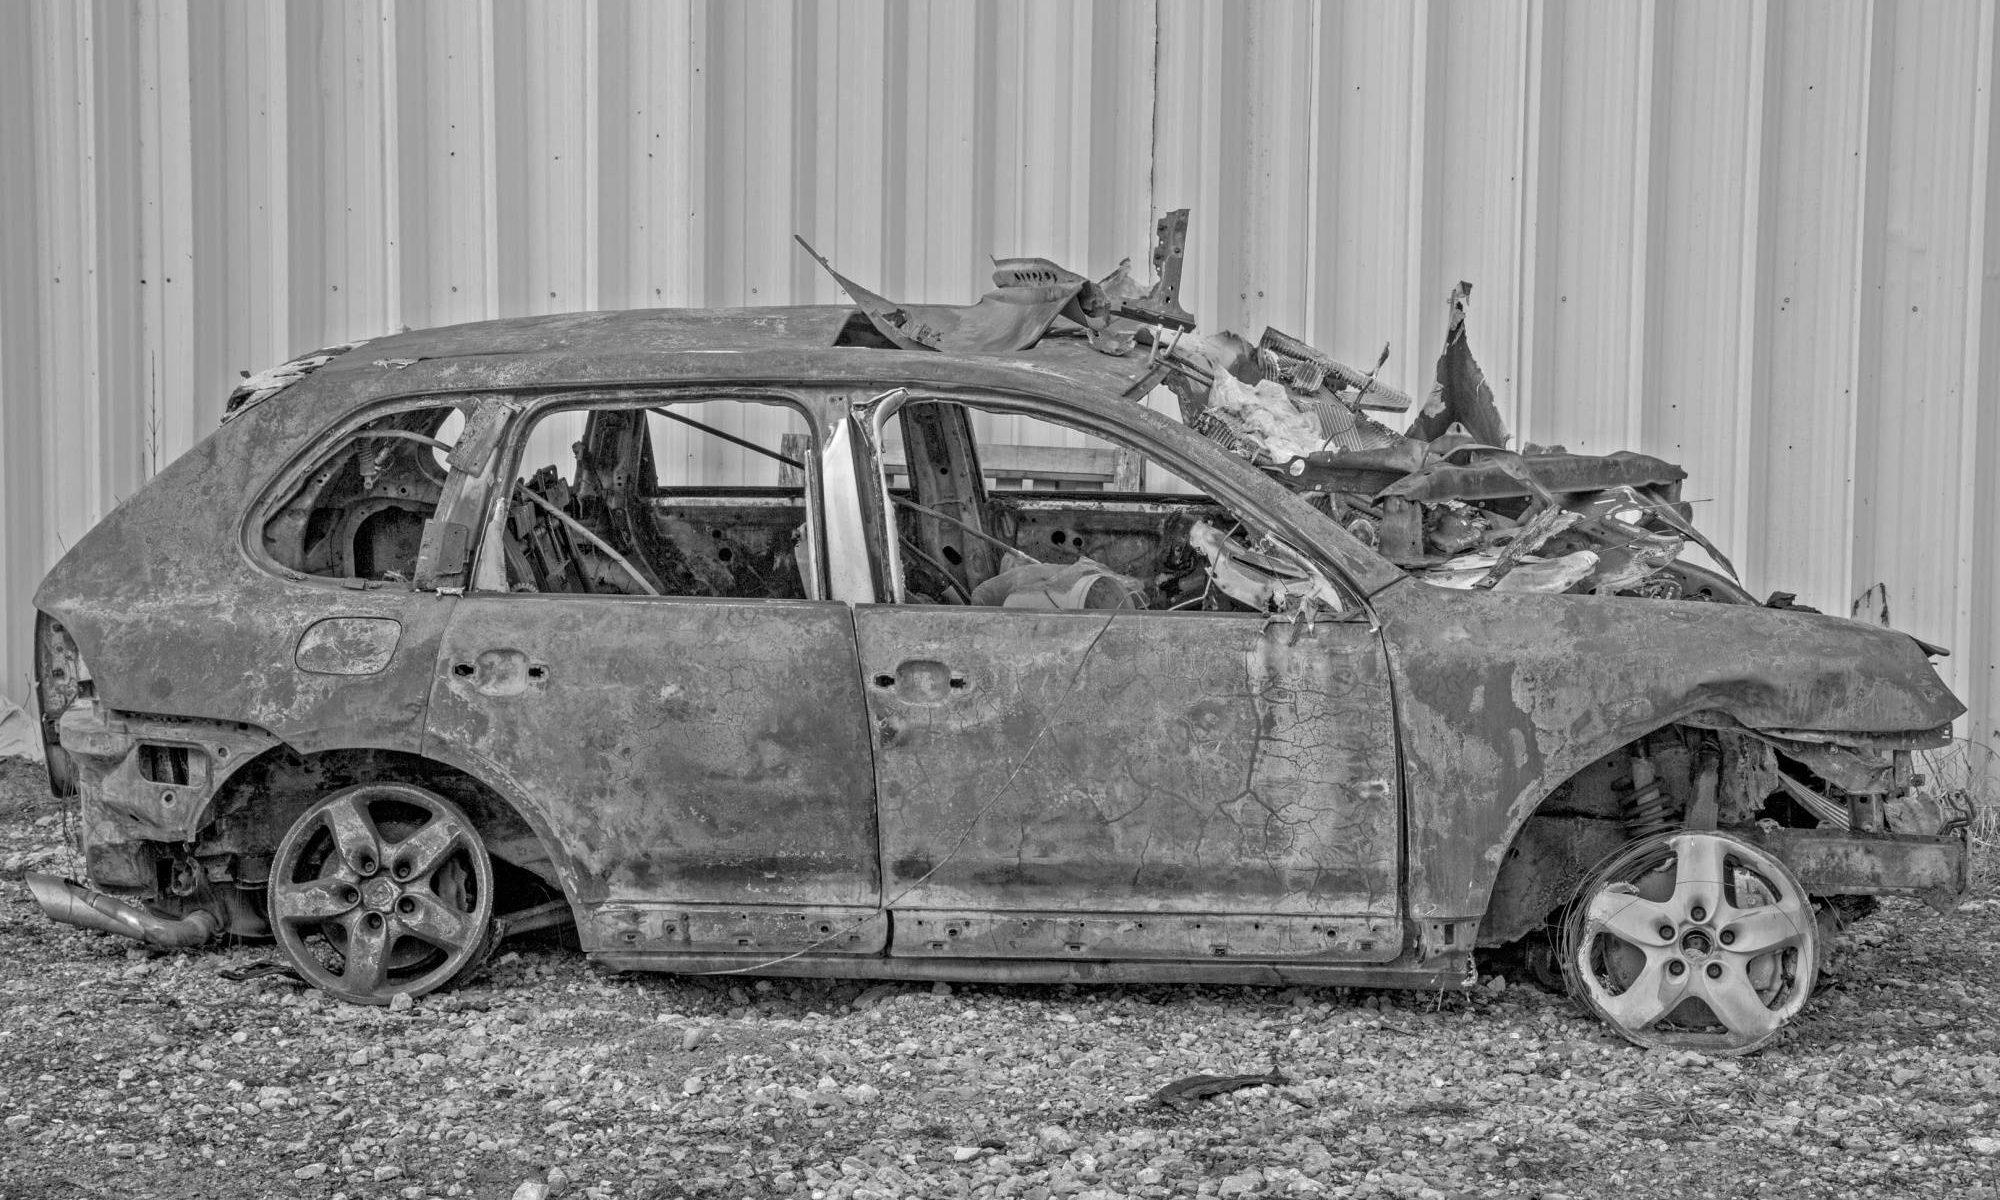 Šrotovisko starých a havarovaných áut